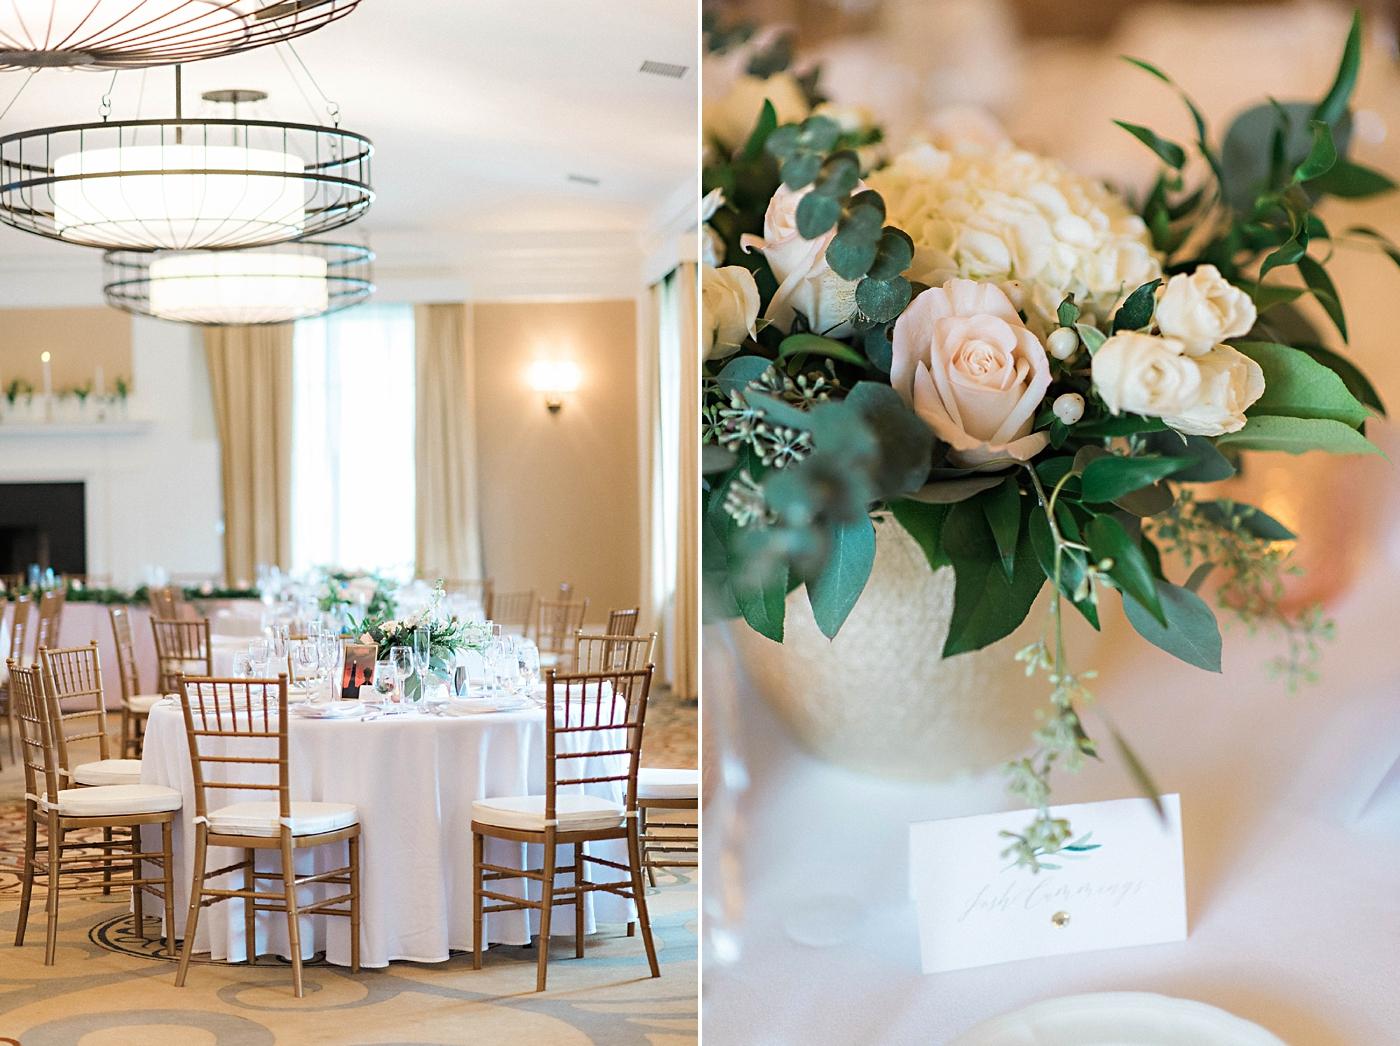 Halifax-Wedding-Photographer-New Brunswick Wedding- Nicolle & Ethan47.jpeg